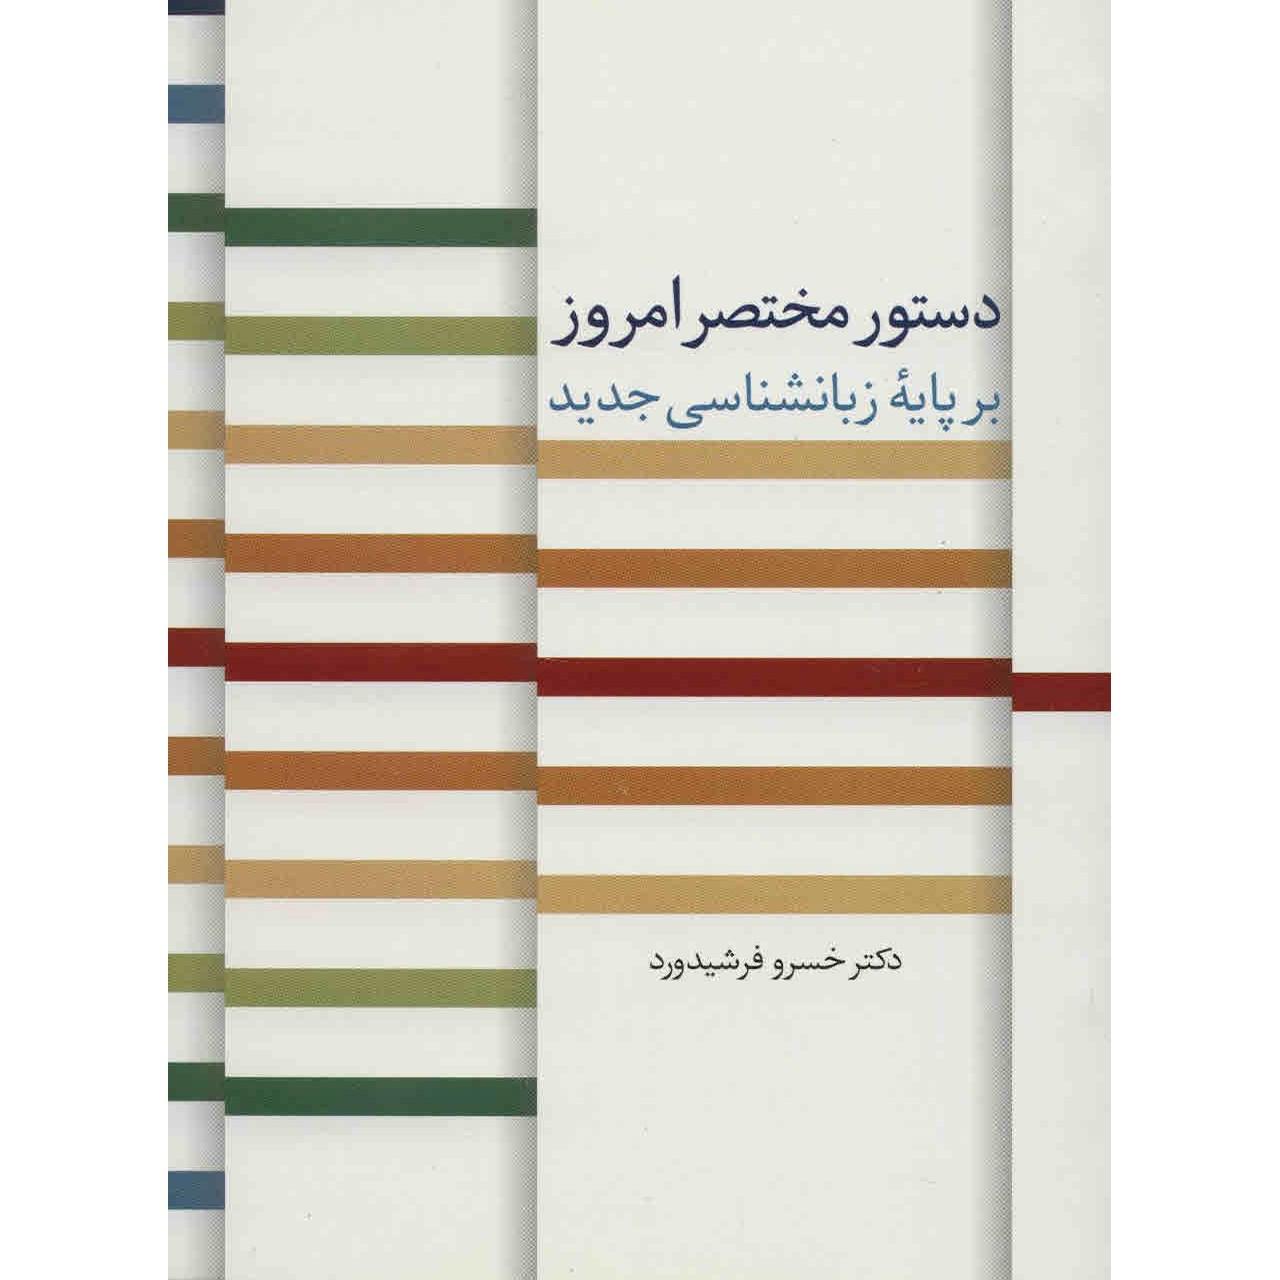 کتاب دستور مختصر امروز بر پایه زبانشناسی جدید اثر خسرو فرشیدورد